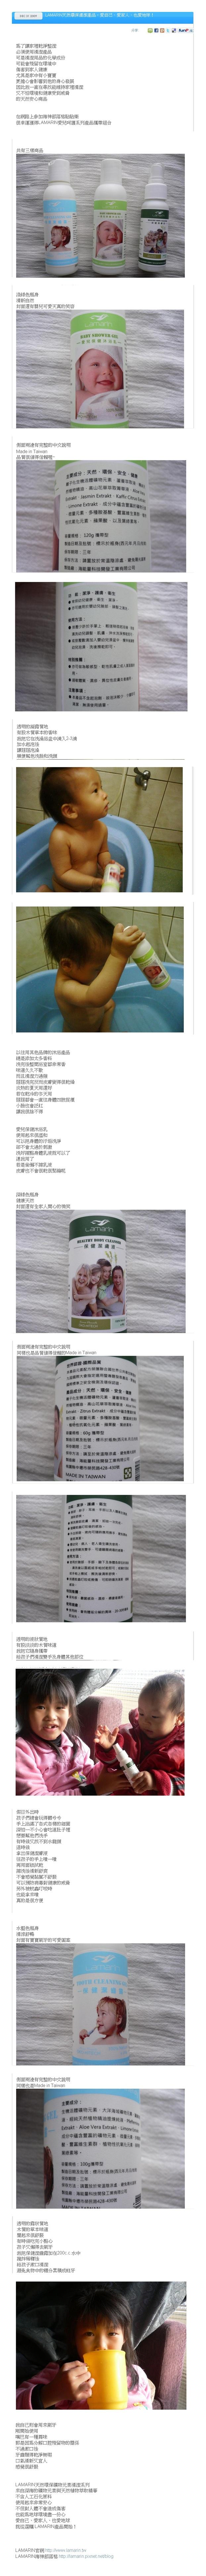 a1-vert.jpg